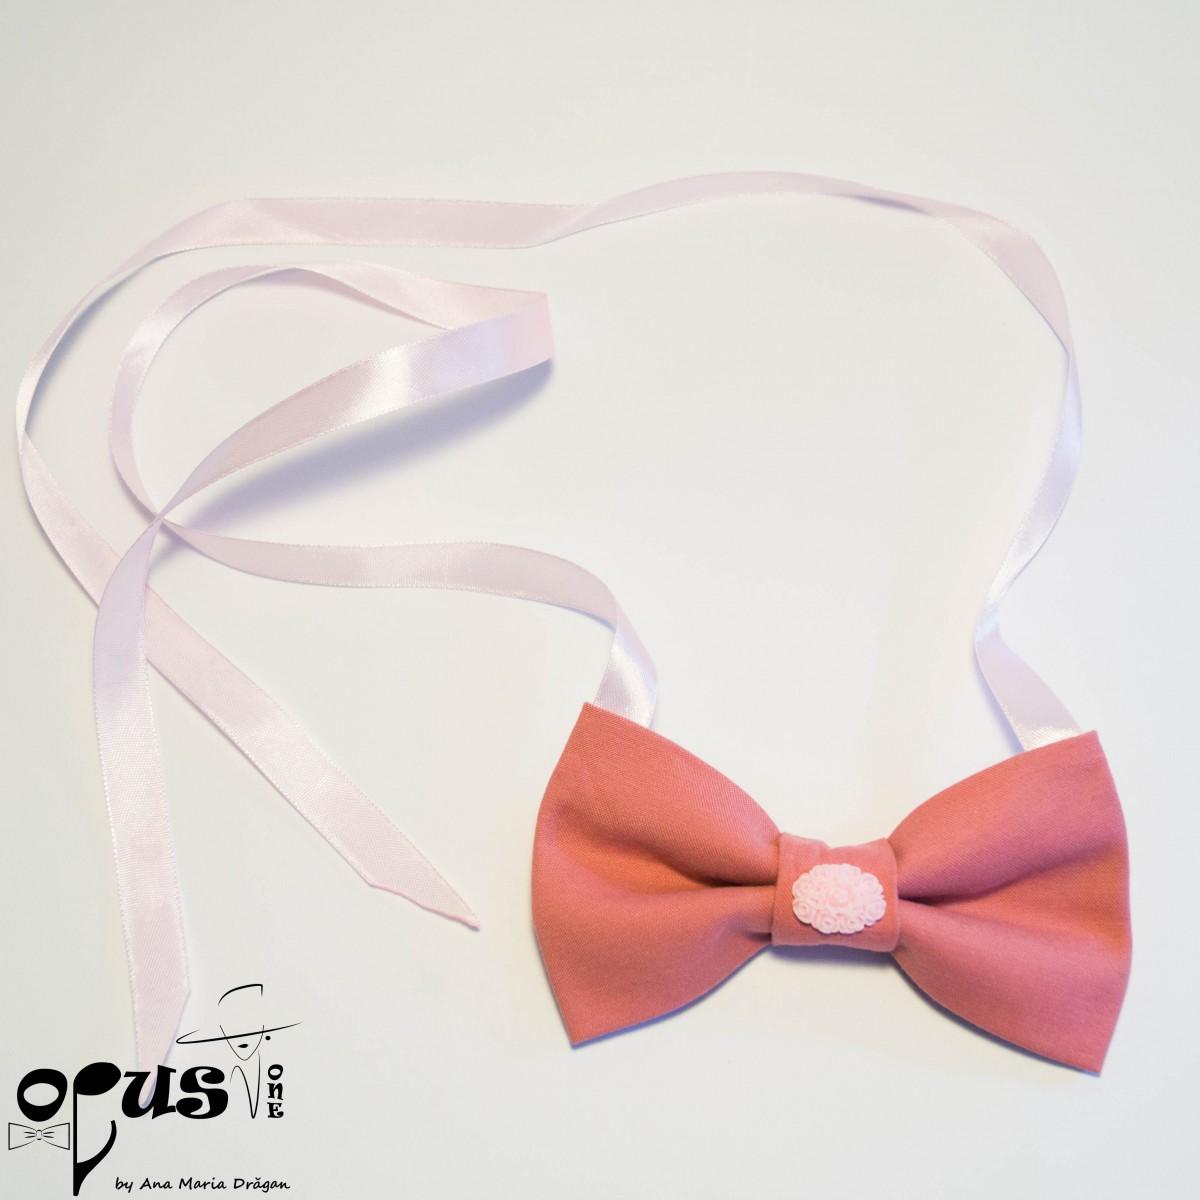 Papion Free-Tied Opus 21